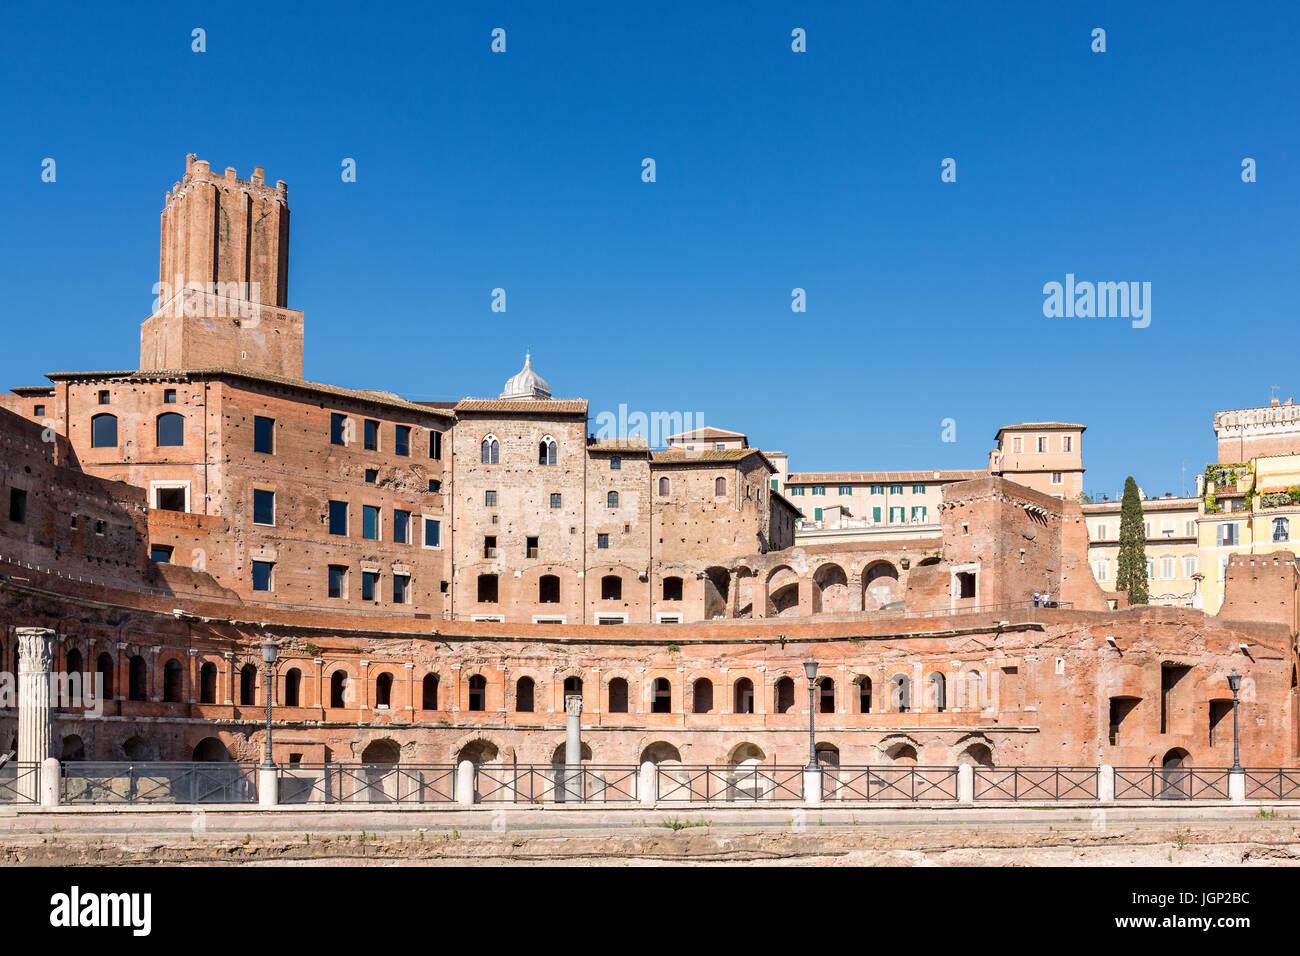 Arcibasilica di San Giovanni in Laterano (Arcibasilica Papale di San Giovanni in Laterano), Roma, lazio, Italy Immagini Stock